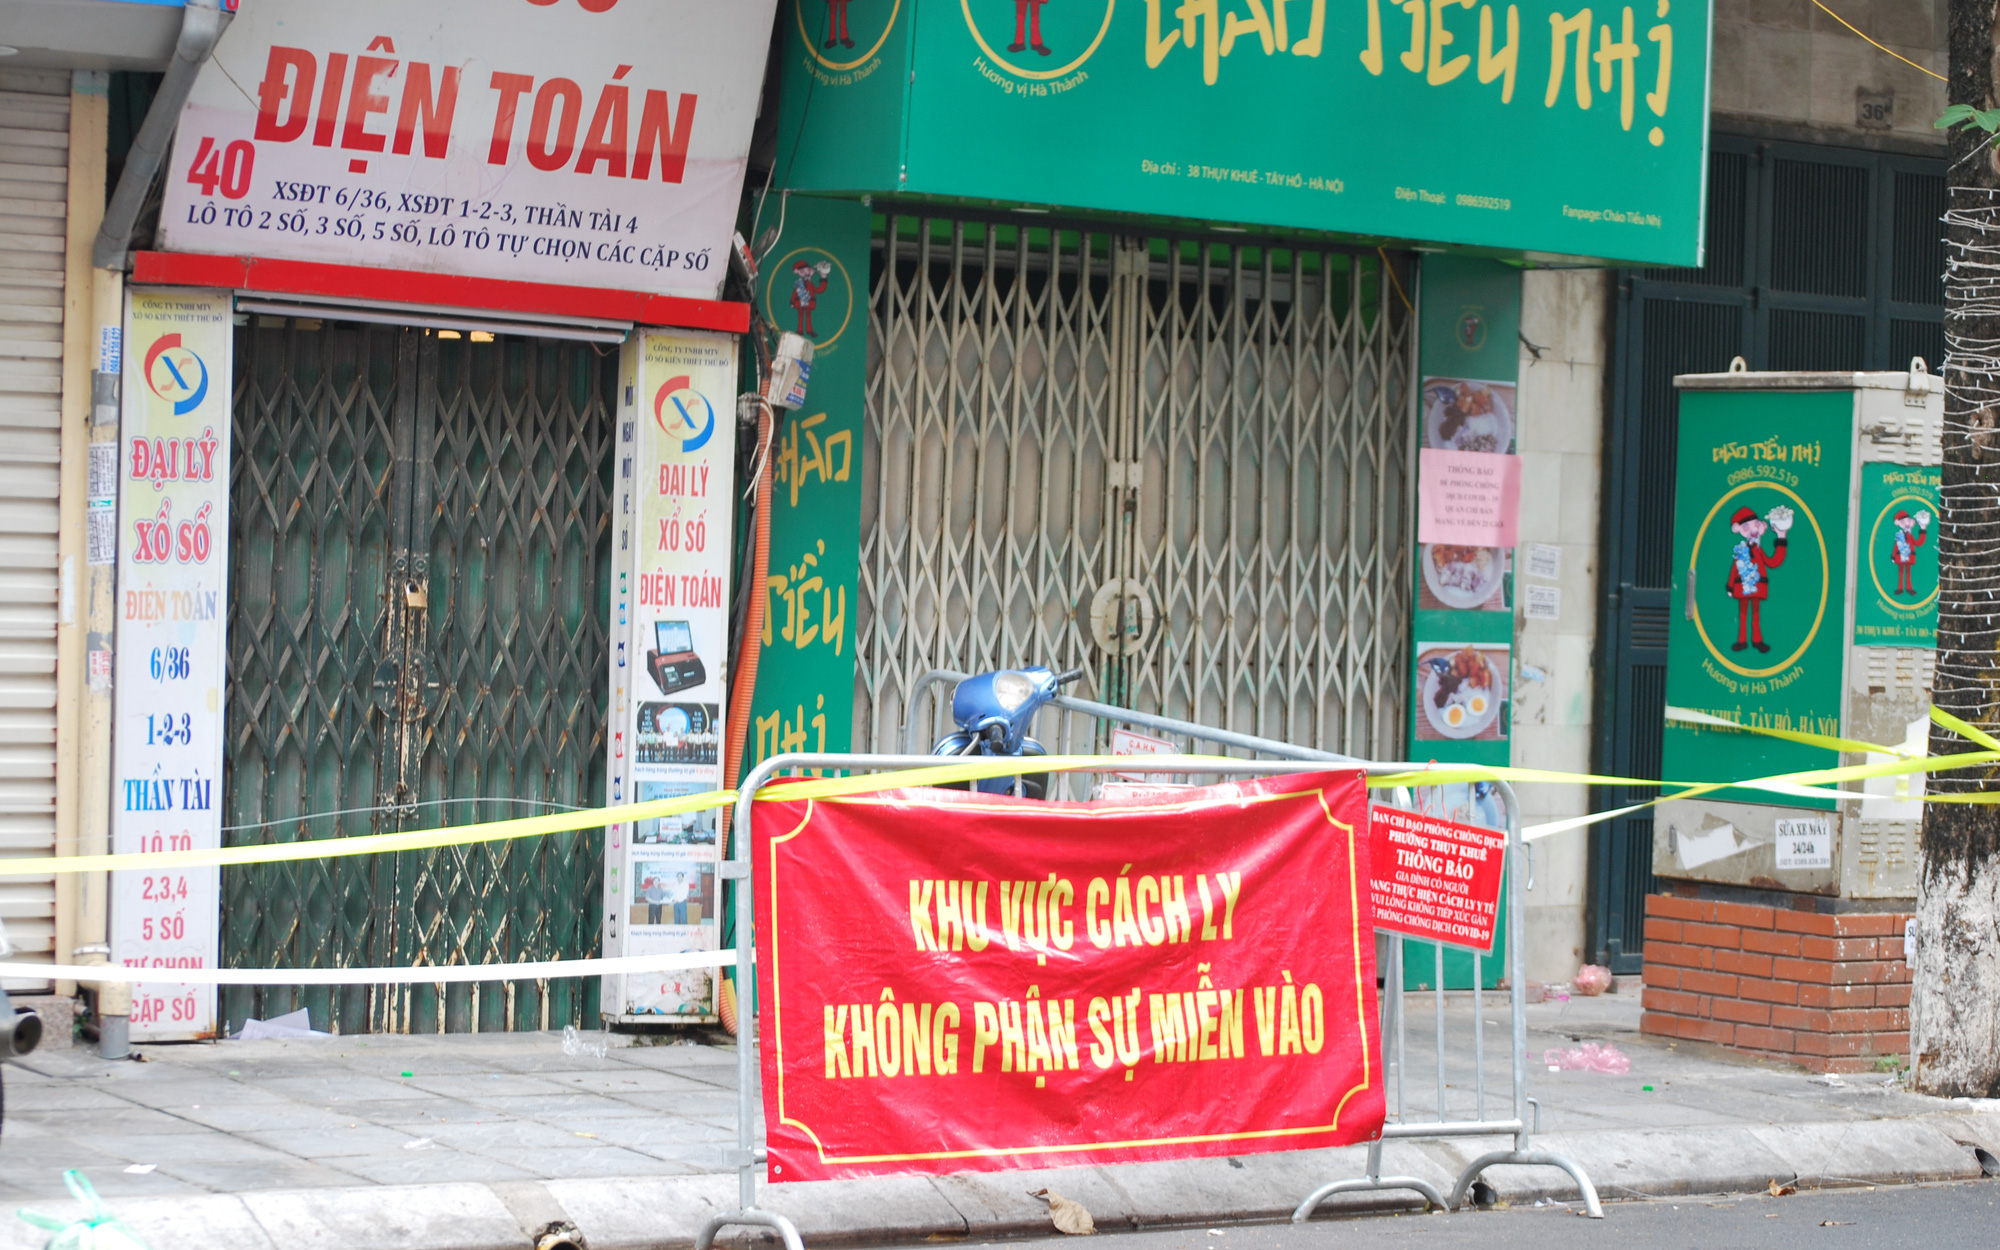 TOÀN CẢNH COVID-19 ngày 22/7: Cả nước tiếp tục ghi nhận số ca kỷ lục, Sài Gòn tiếp tục chứng kiến những câu chuyện đau lòng giữa mùa dịch - Ảnh 1.